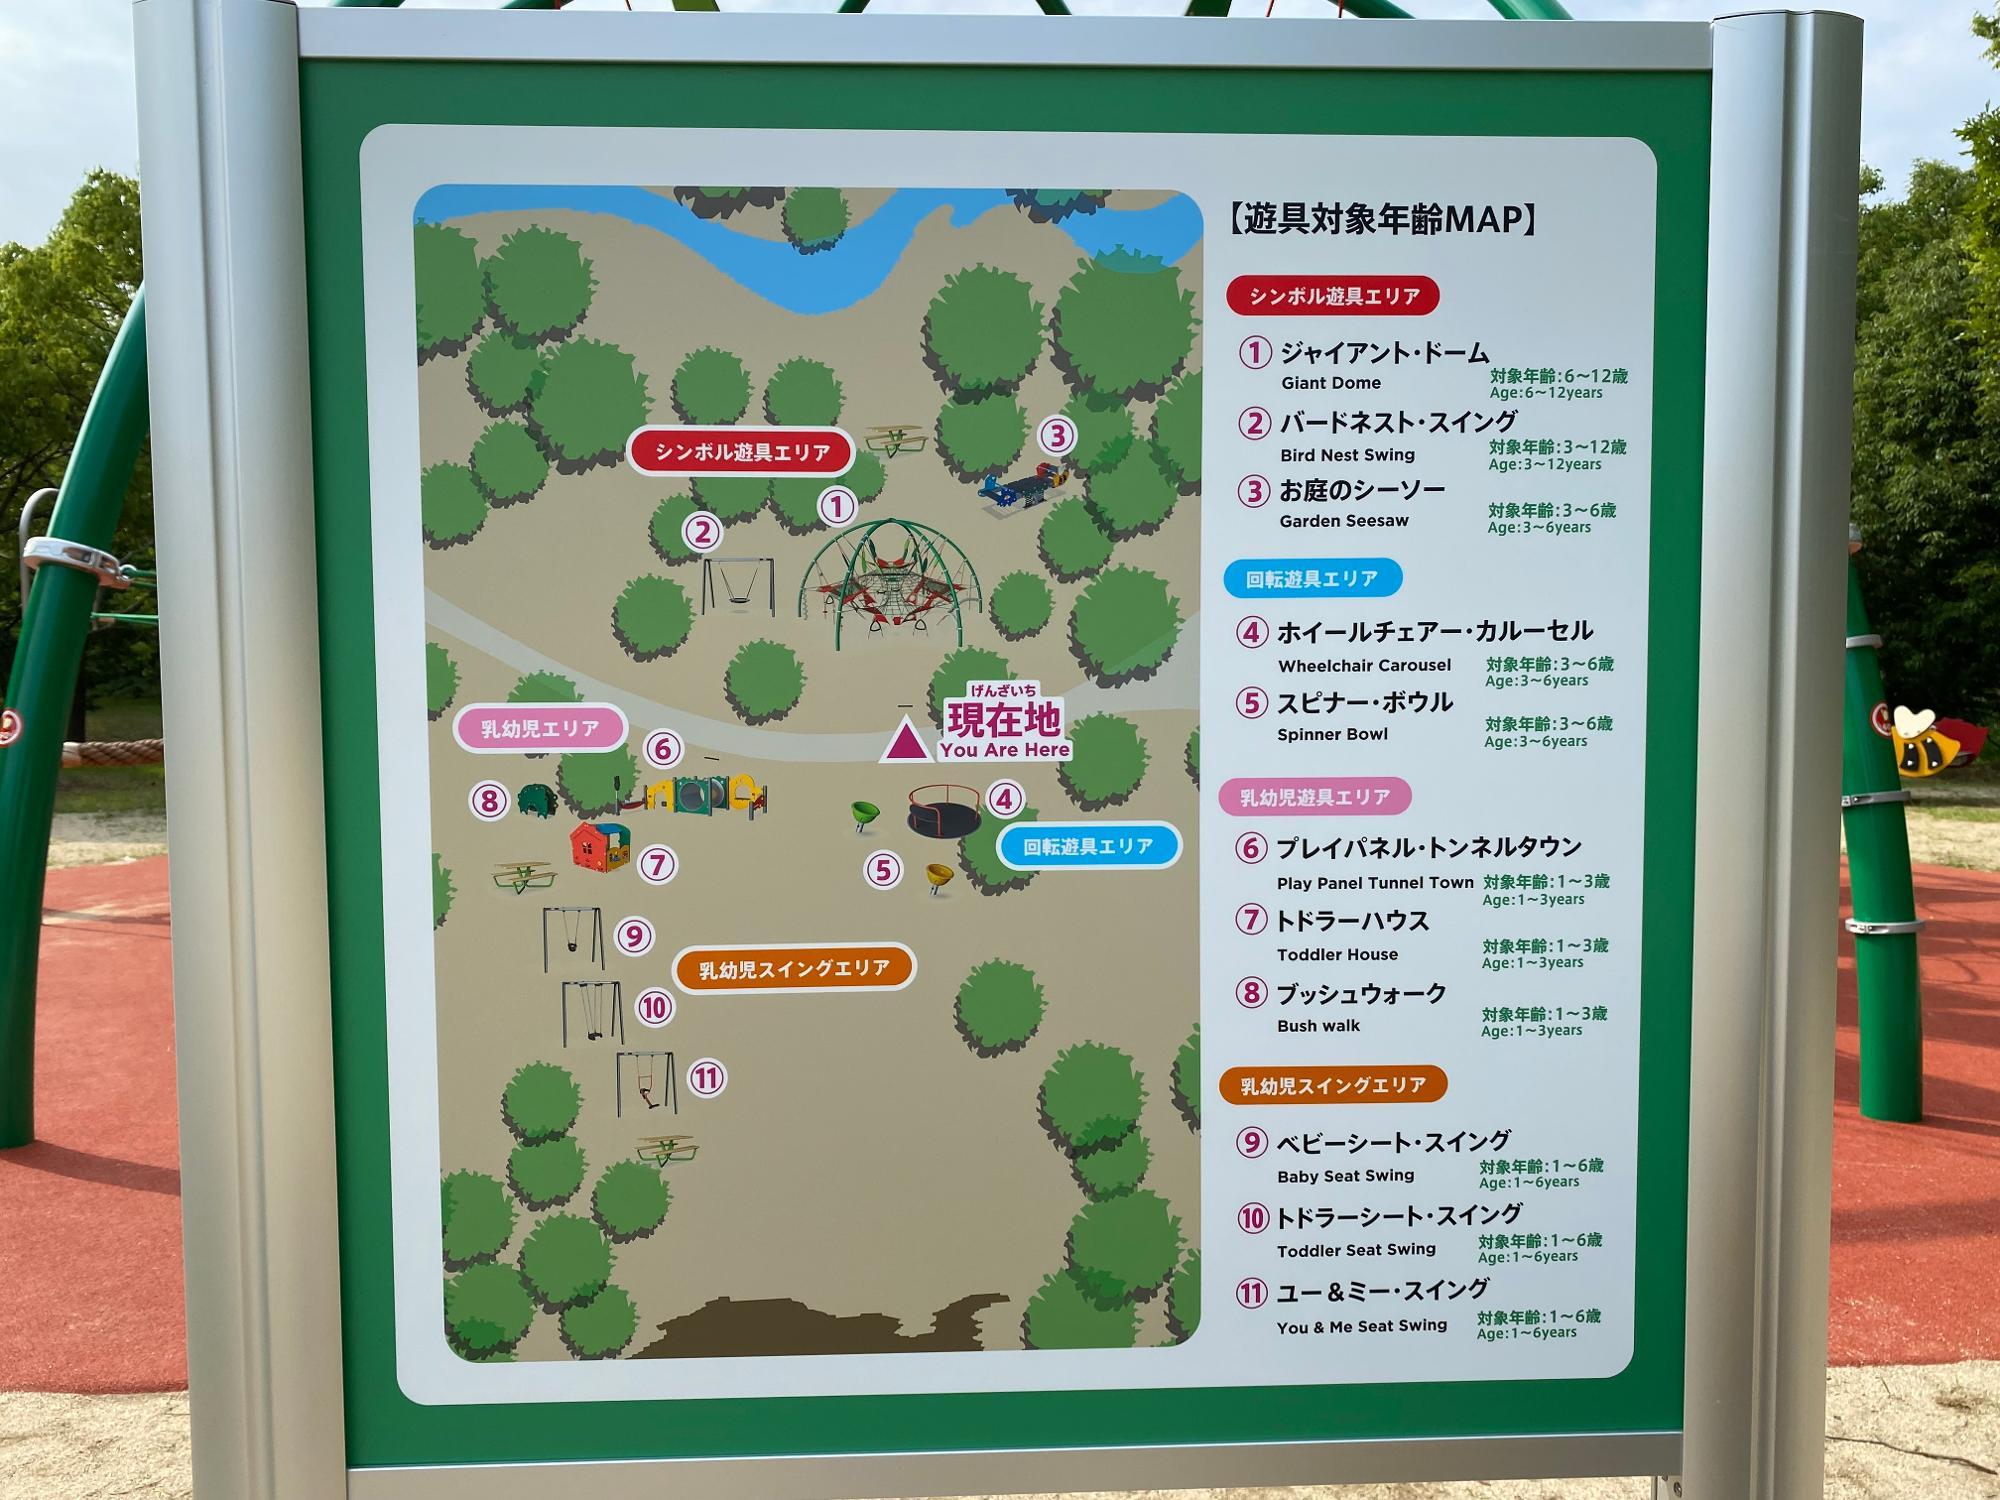 新しい遊具広場内のマップ